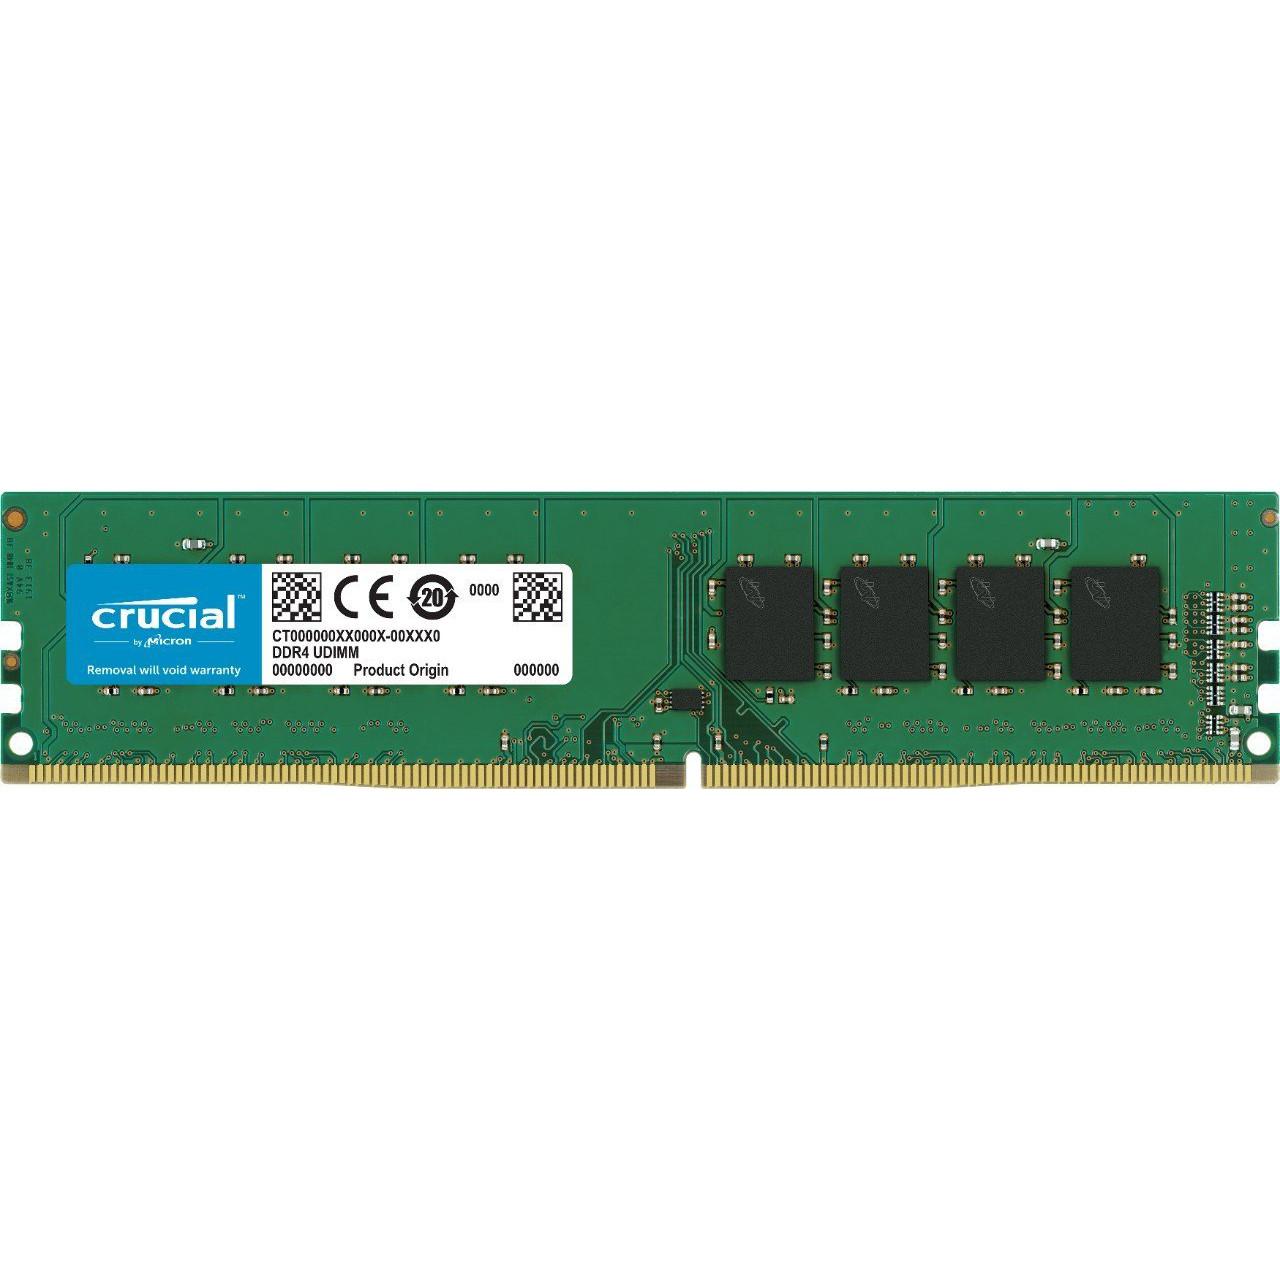 SGC003480